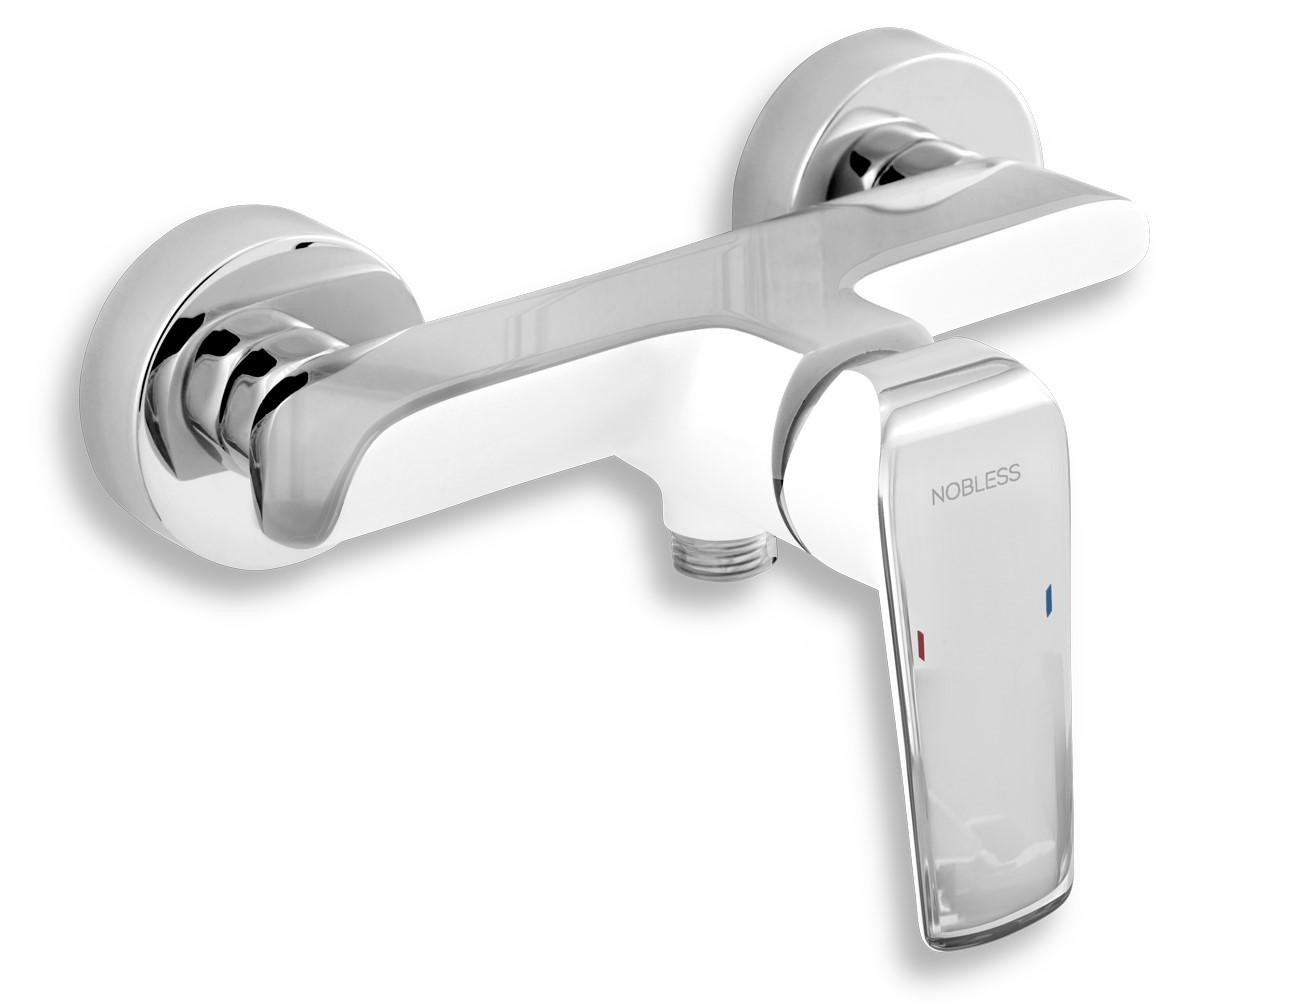 Nástěnná sprchová baterie se spodním přívodem vody, bez příslušenství, bílá/chrom